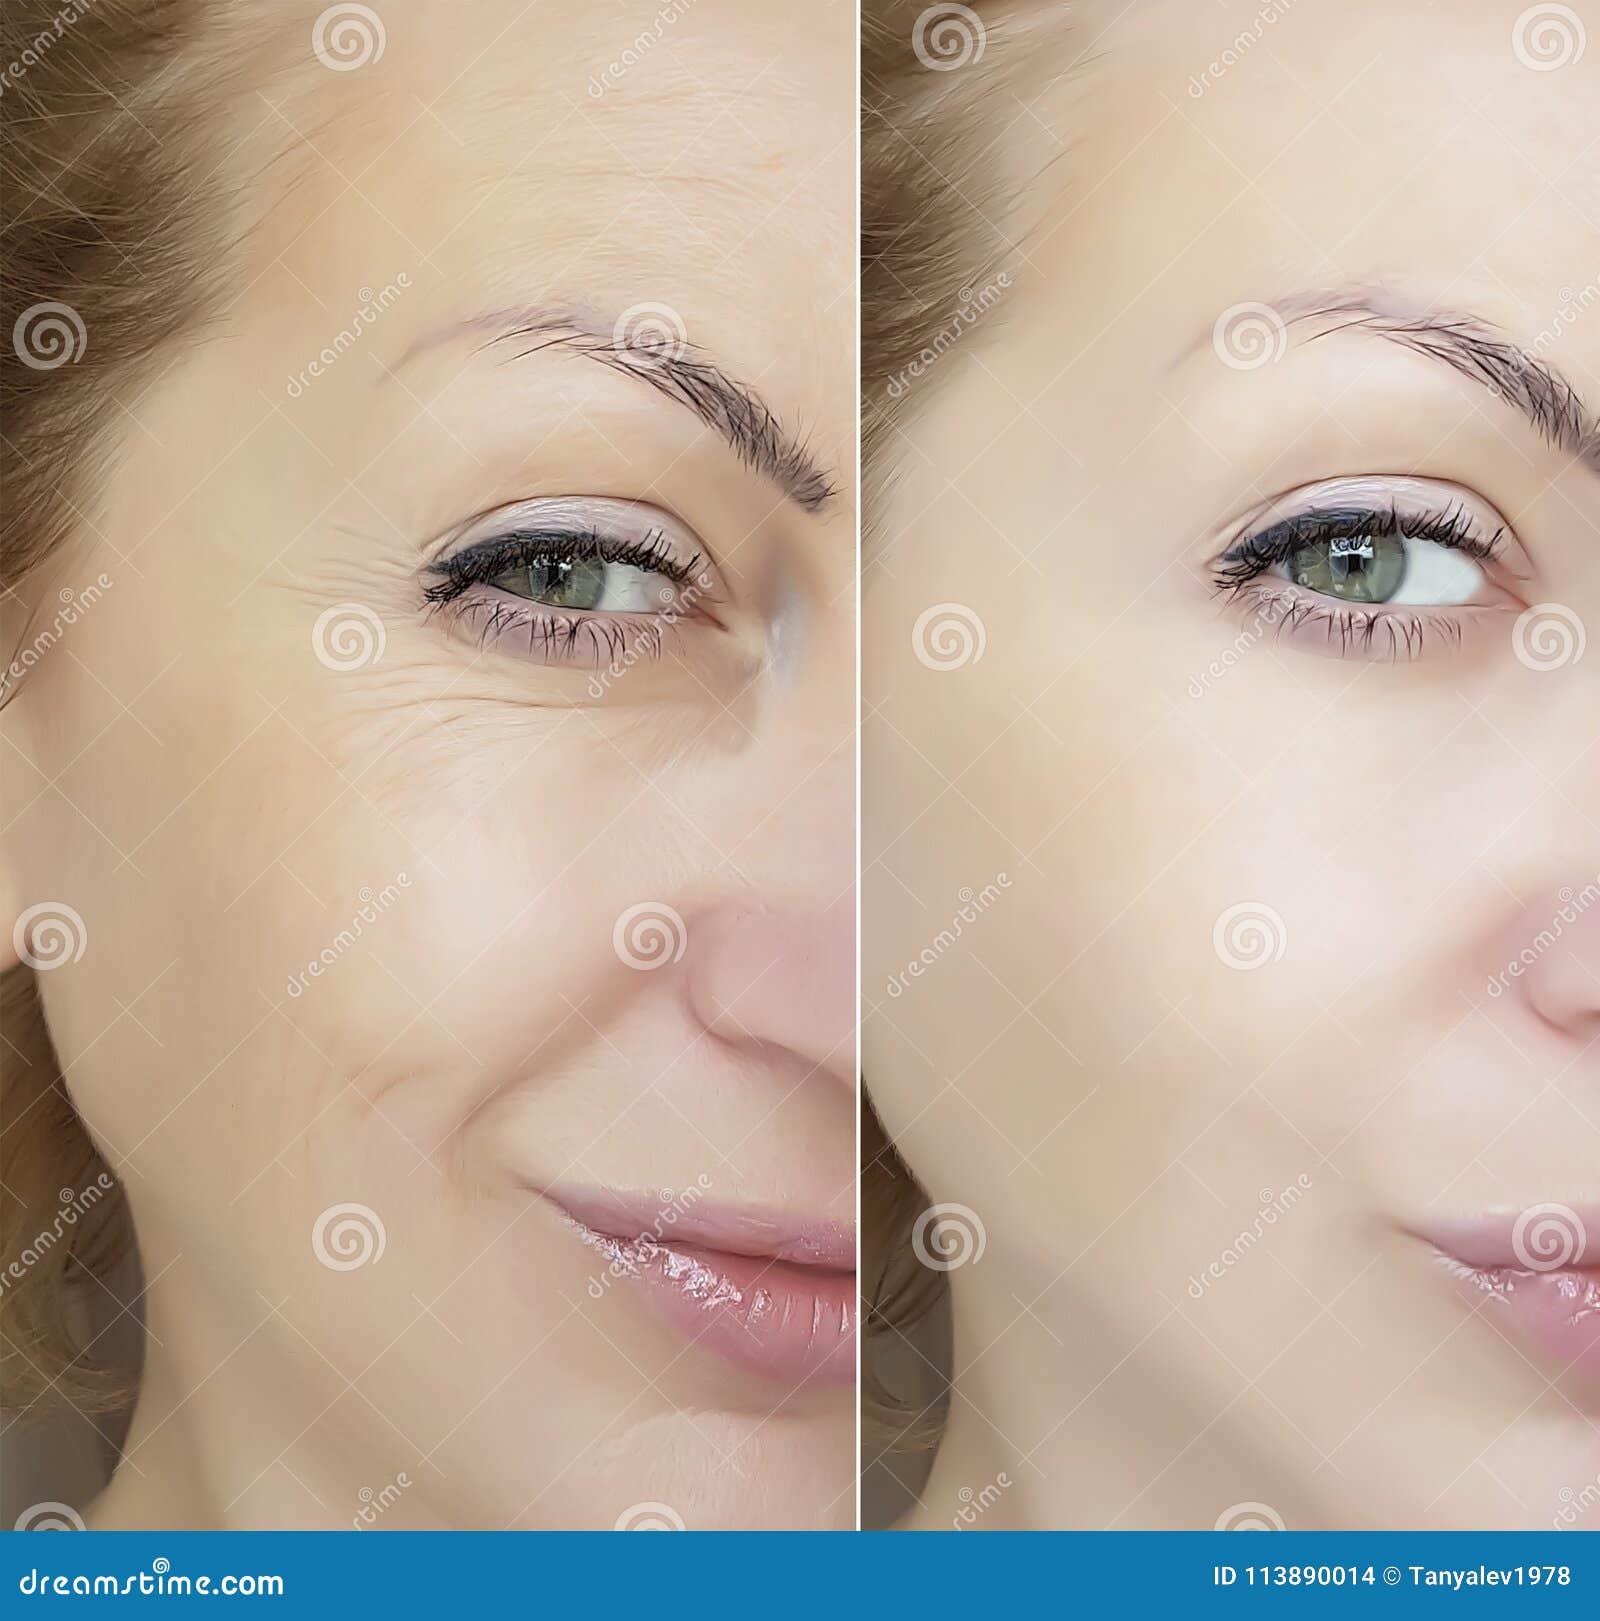 La mujer de la cara arruga la regeneración del contraste de los ojos antes y después